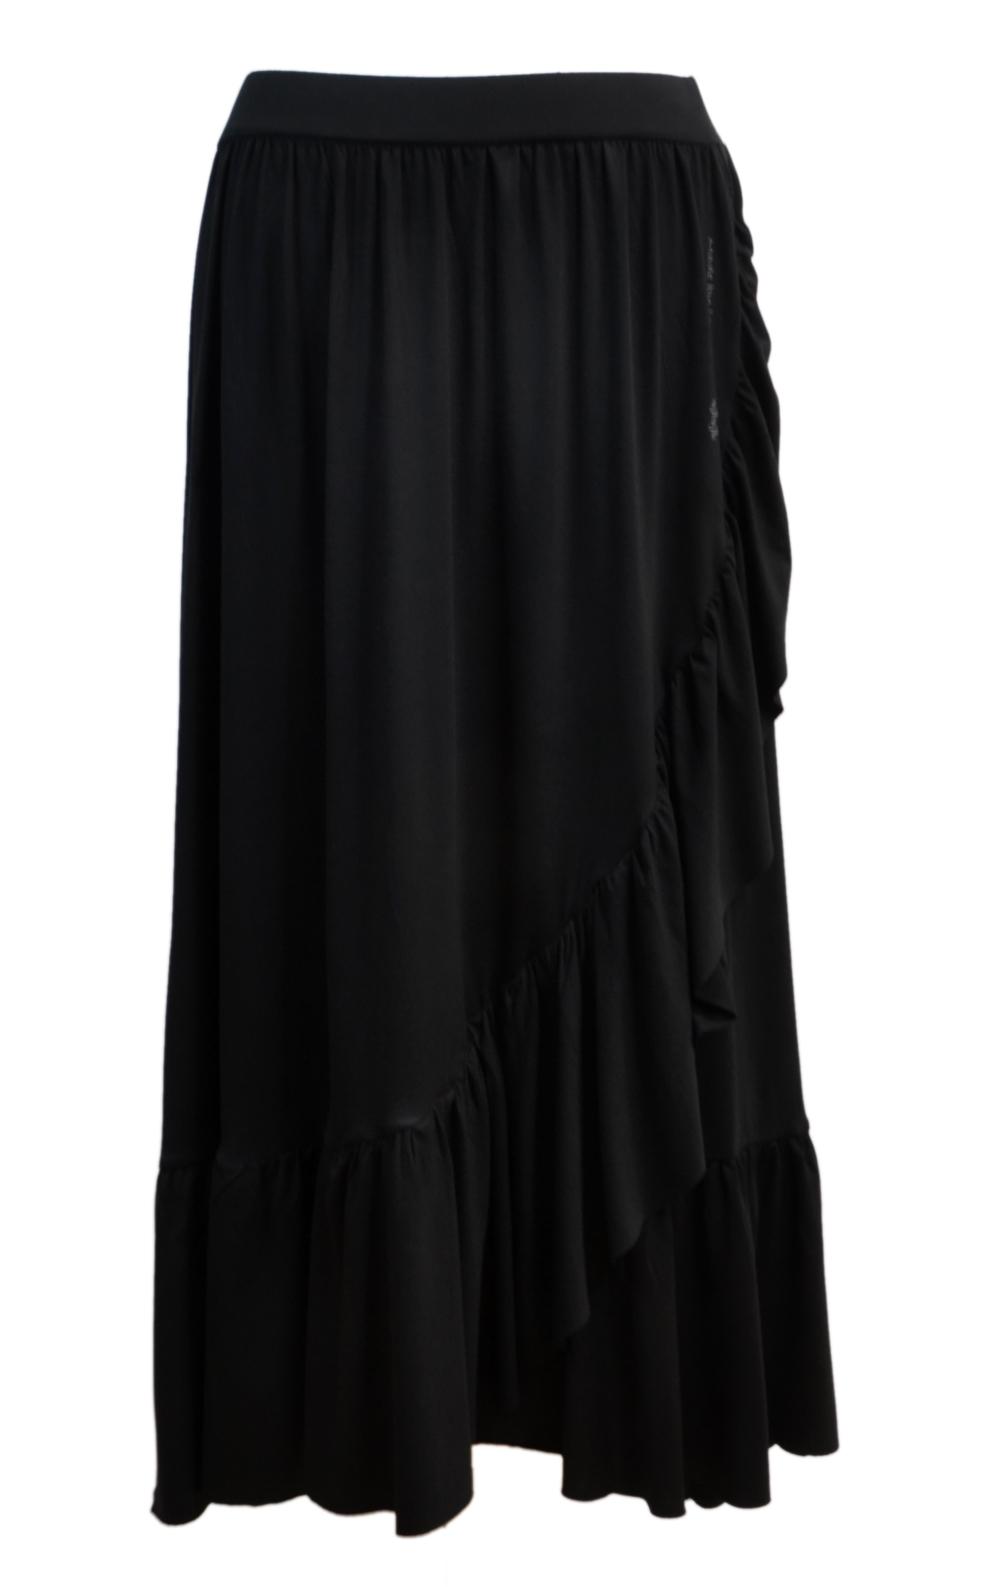 ajlajk-t879-kjol-volang-svart